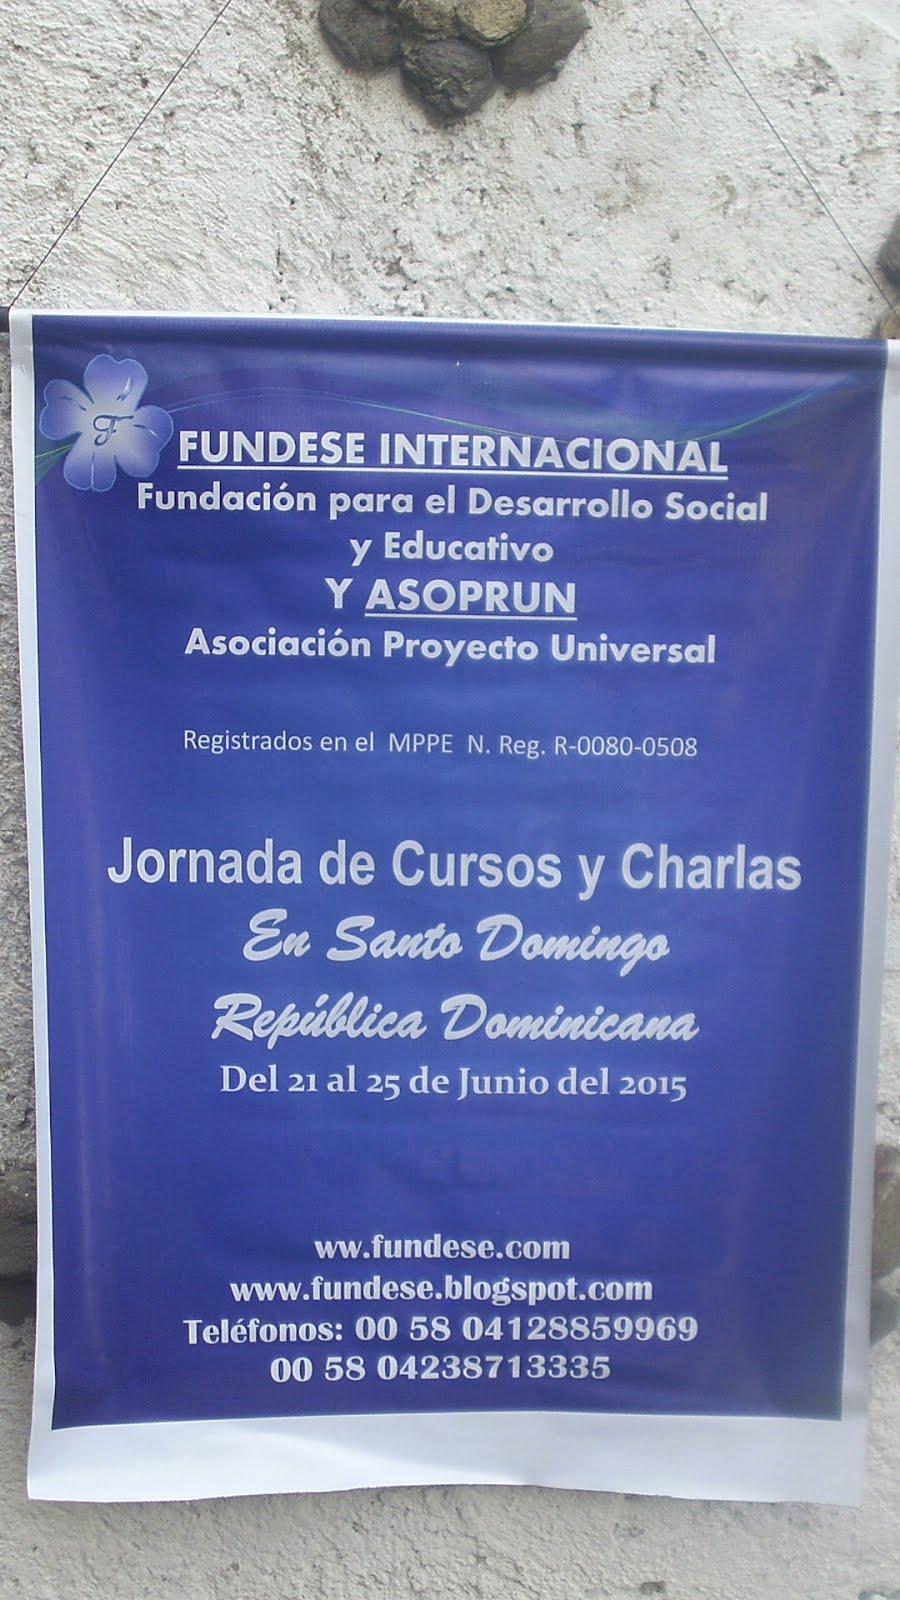 JORNADA DE TALLERES Y CHARLAS EN REPUBLICA DOMINICANA